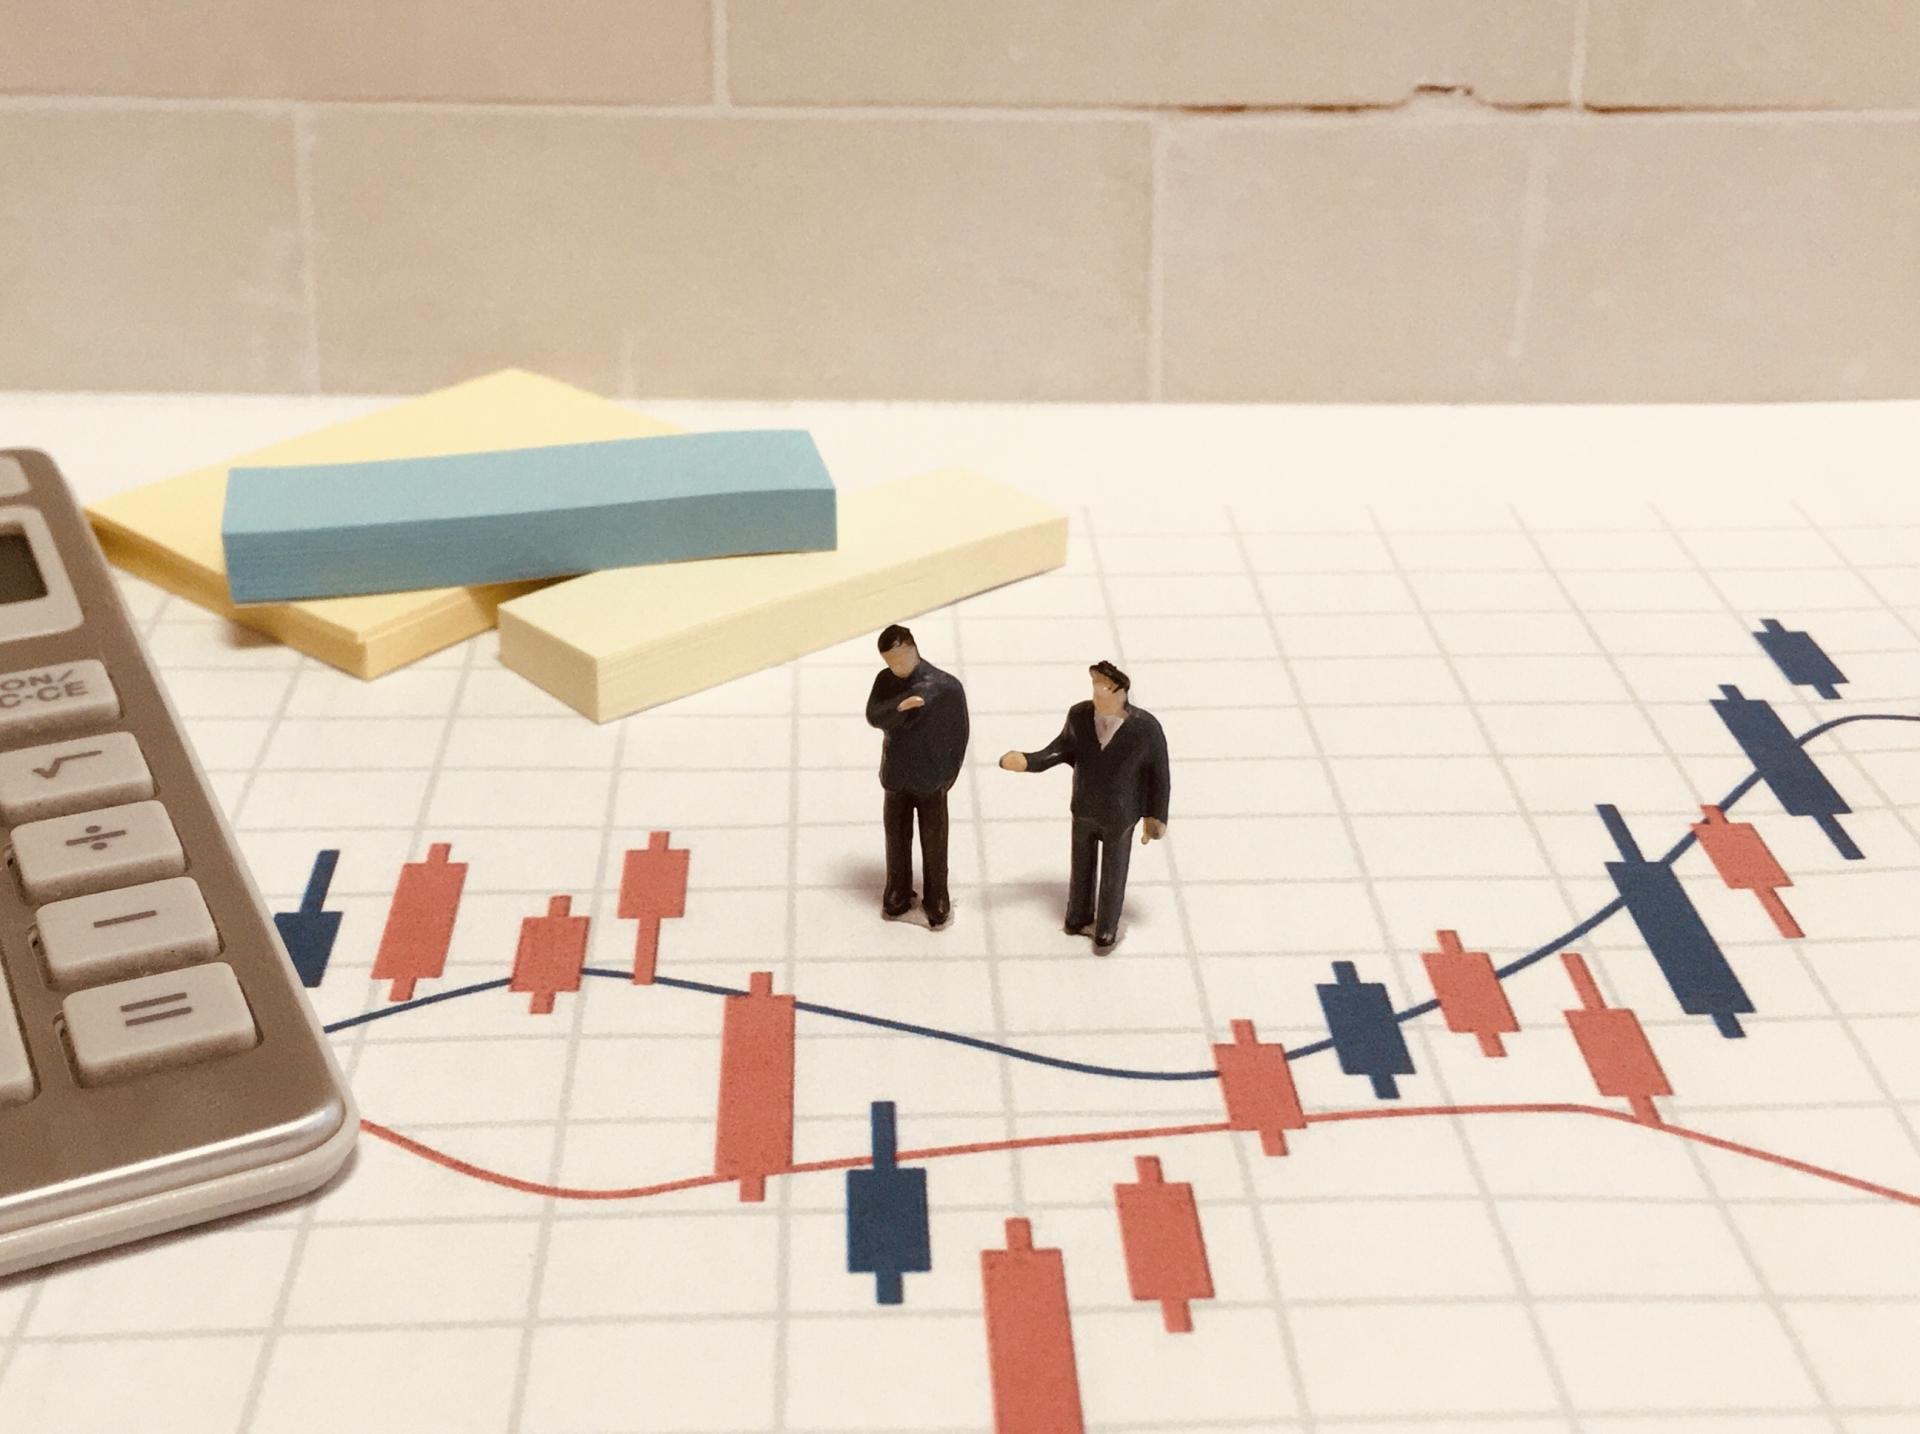 ドル建て日経平均株価が史上最高値更新!ここからわかる日本の投資家の戦略